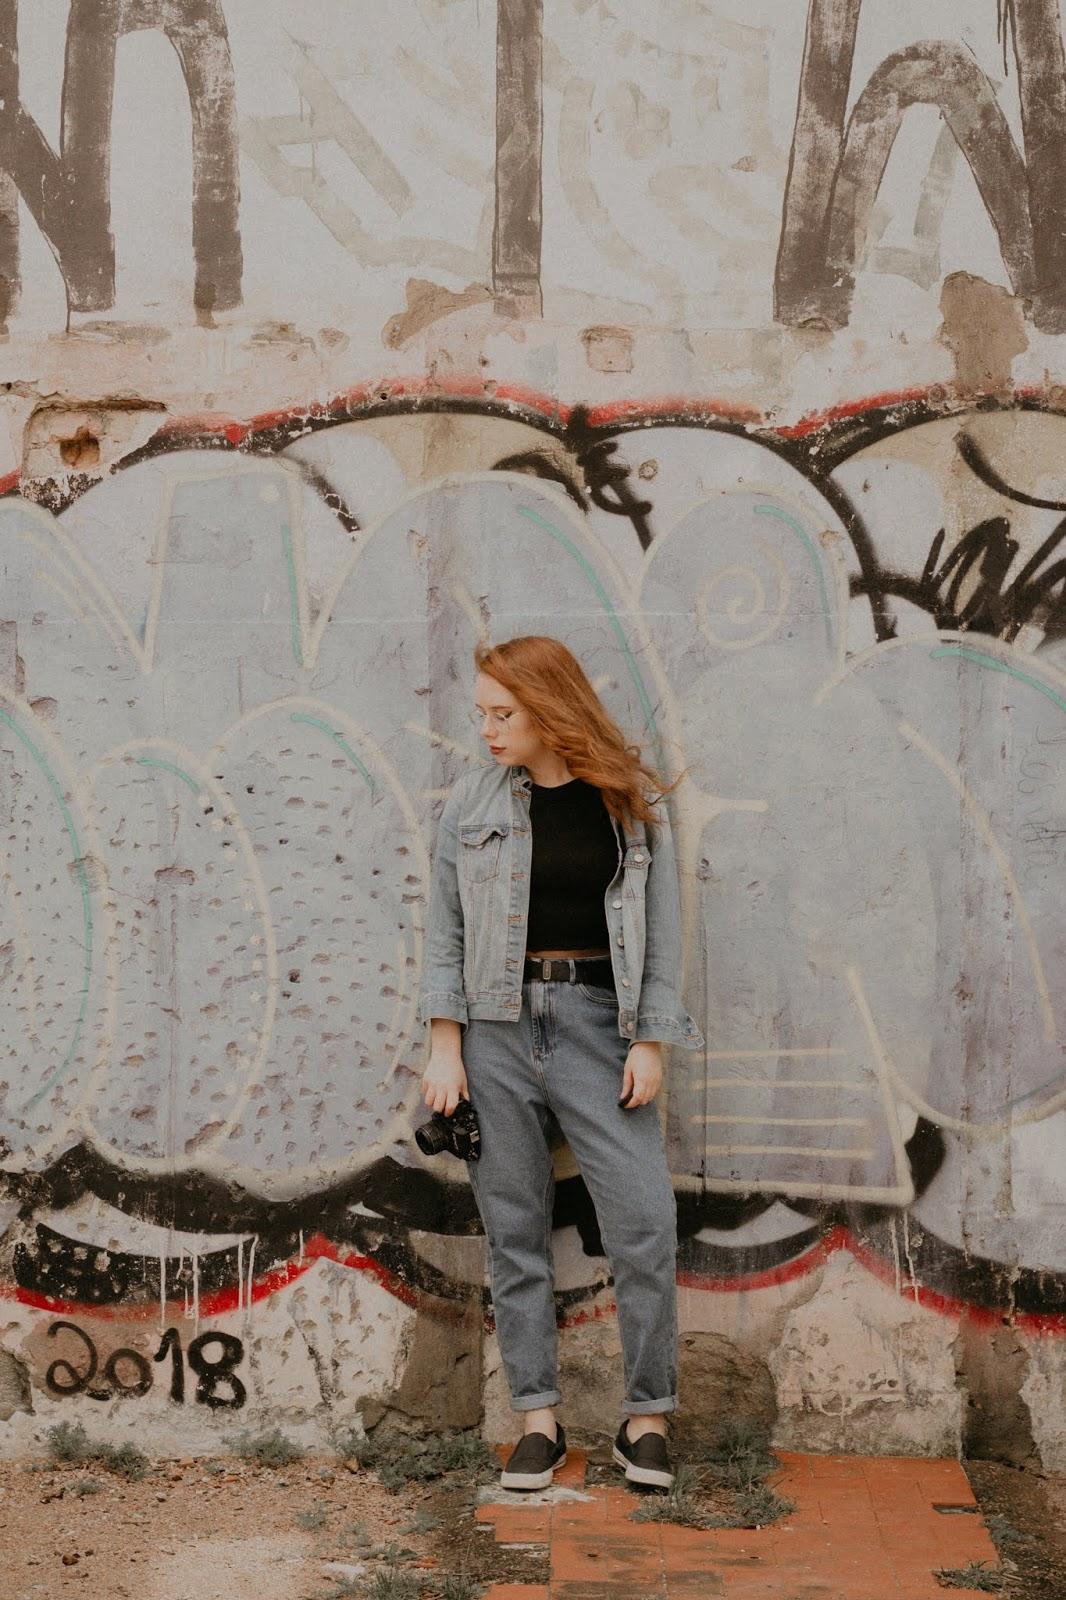 Parece que sempre estou com a mesma mom jeans nos posts do blog, mas juro que tenho duas.Já deu pra perceber que essa mom jeans é o dobro do meu tamanho né? Até é difícil de usar como não se encaixa tão bem, vou ter que fazer uns ajustes nela para ficar legal e não parecer um saco. A outra que tenho é mais clara e fica soltinha, mas da maneira que eu queria. mad souls blog